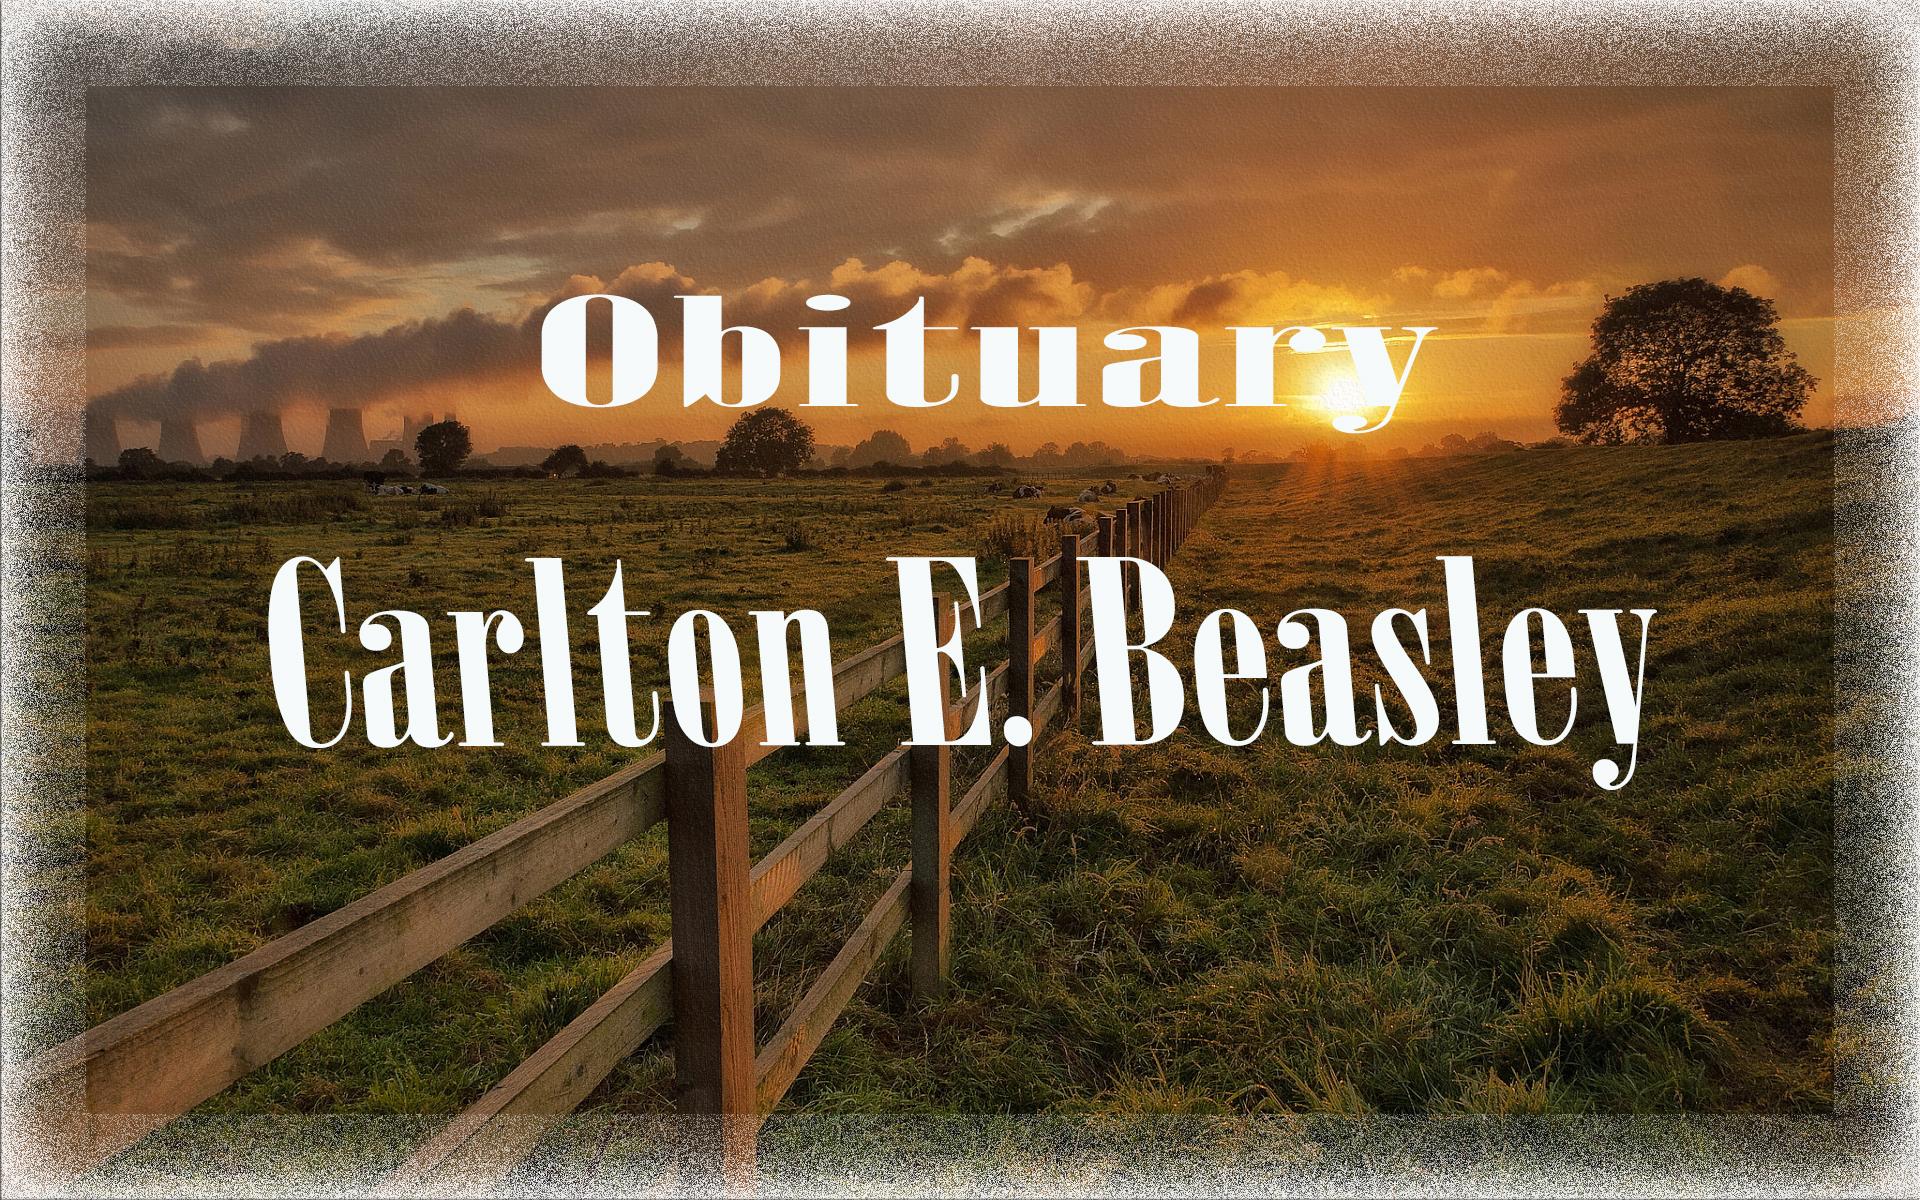 carlton_e._beasley.jpg